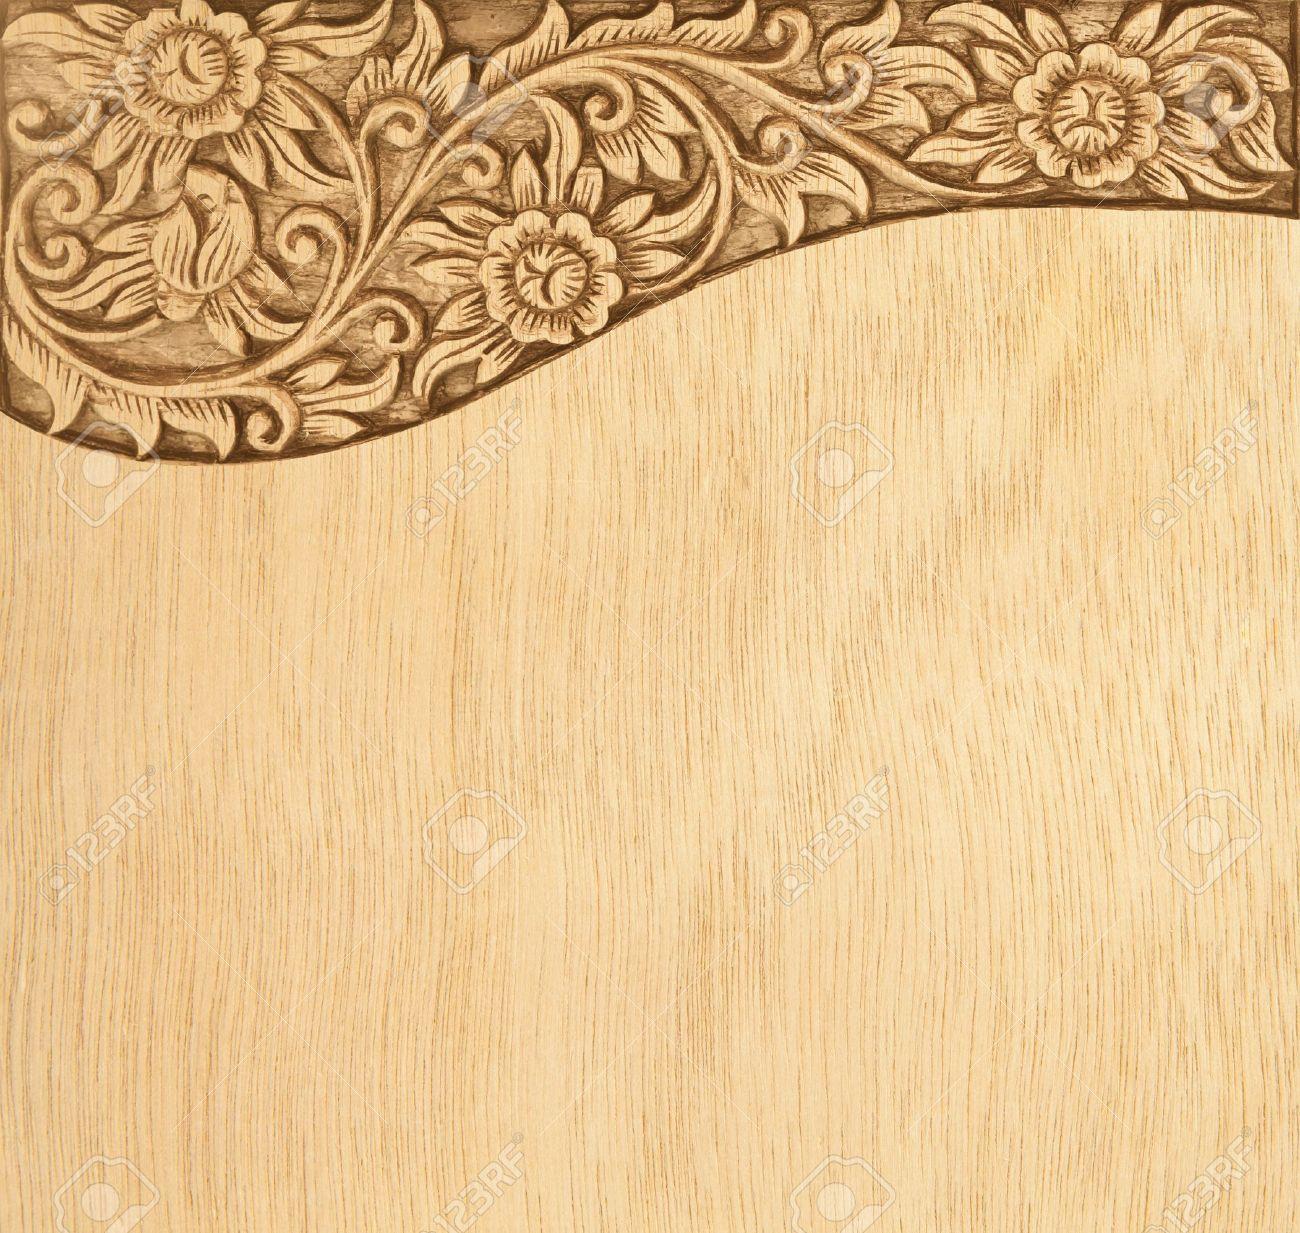 Pattern of wood frame carve flower on wood background - 16231357